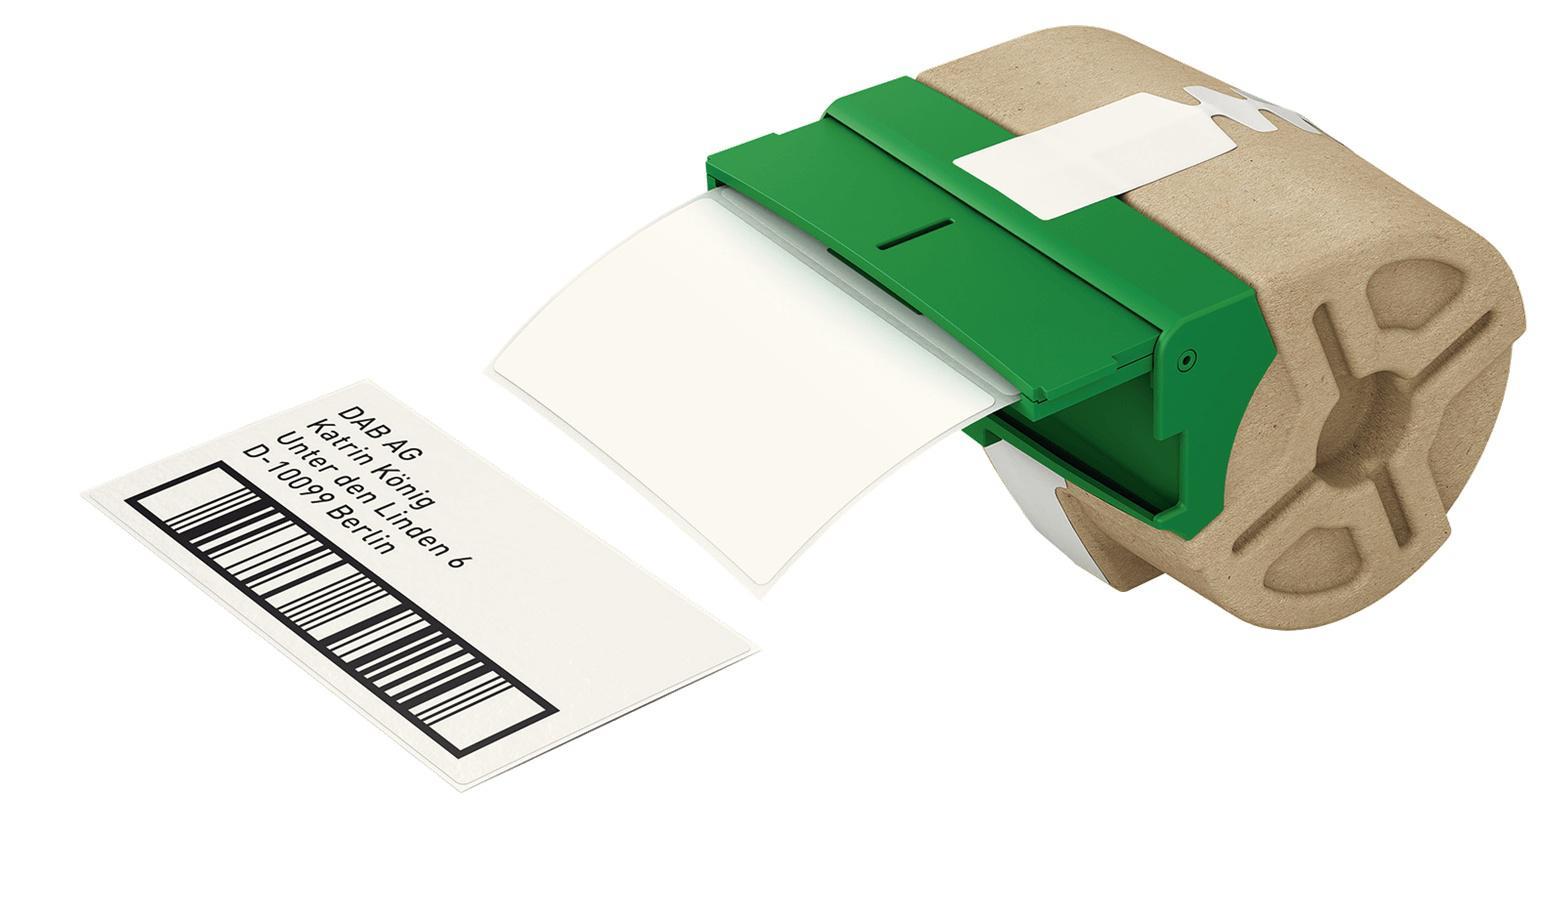 LEITZ Icon Etikettkassett med utstansade etiketter 50 x 88mm 435 st